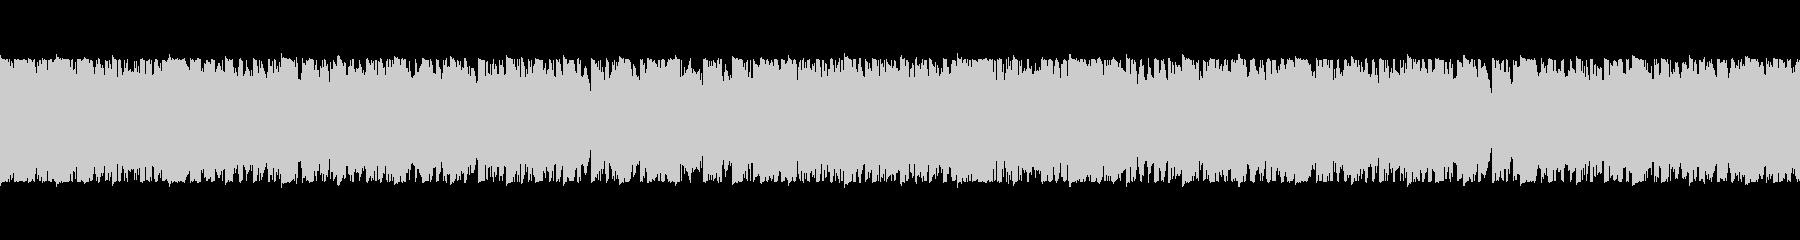 bpm130幻想的なストリングス+テクノの未再生の波形